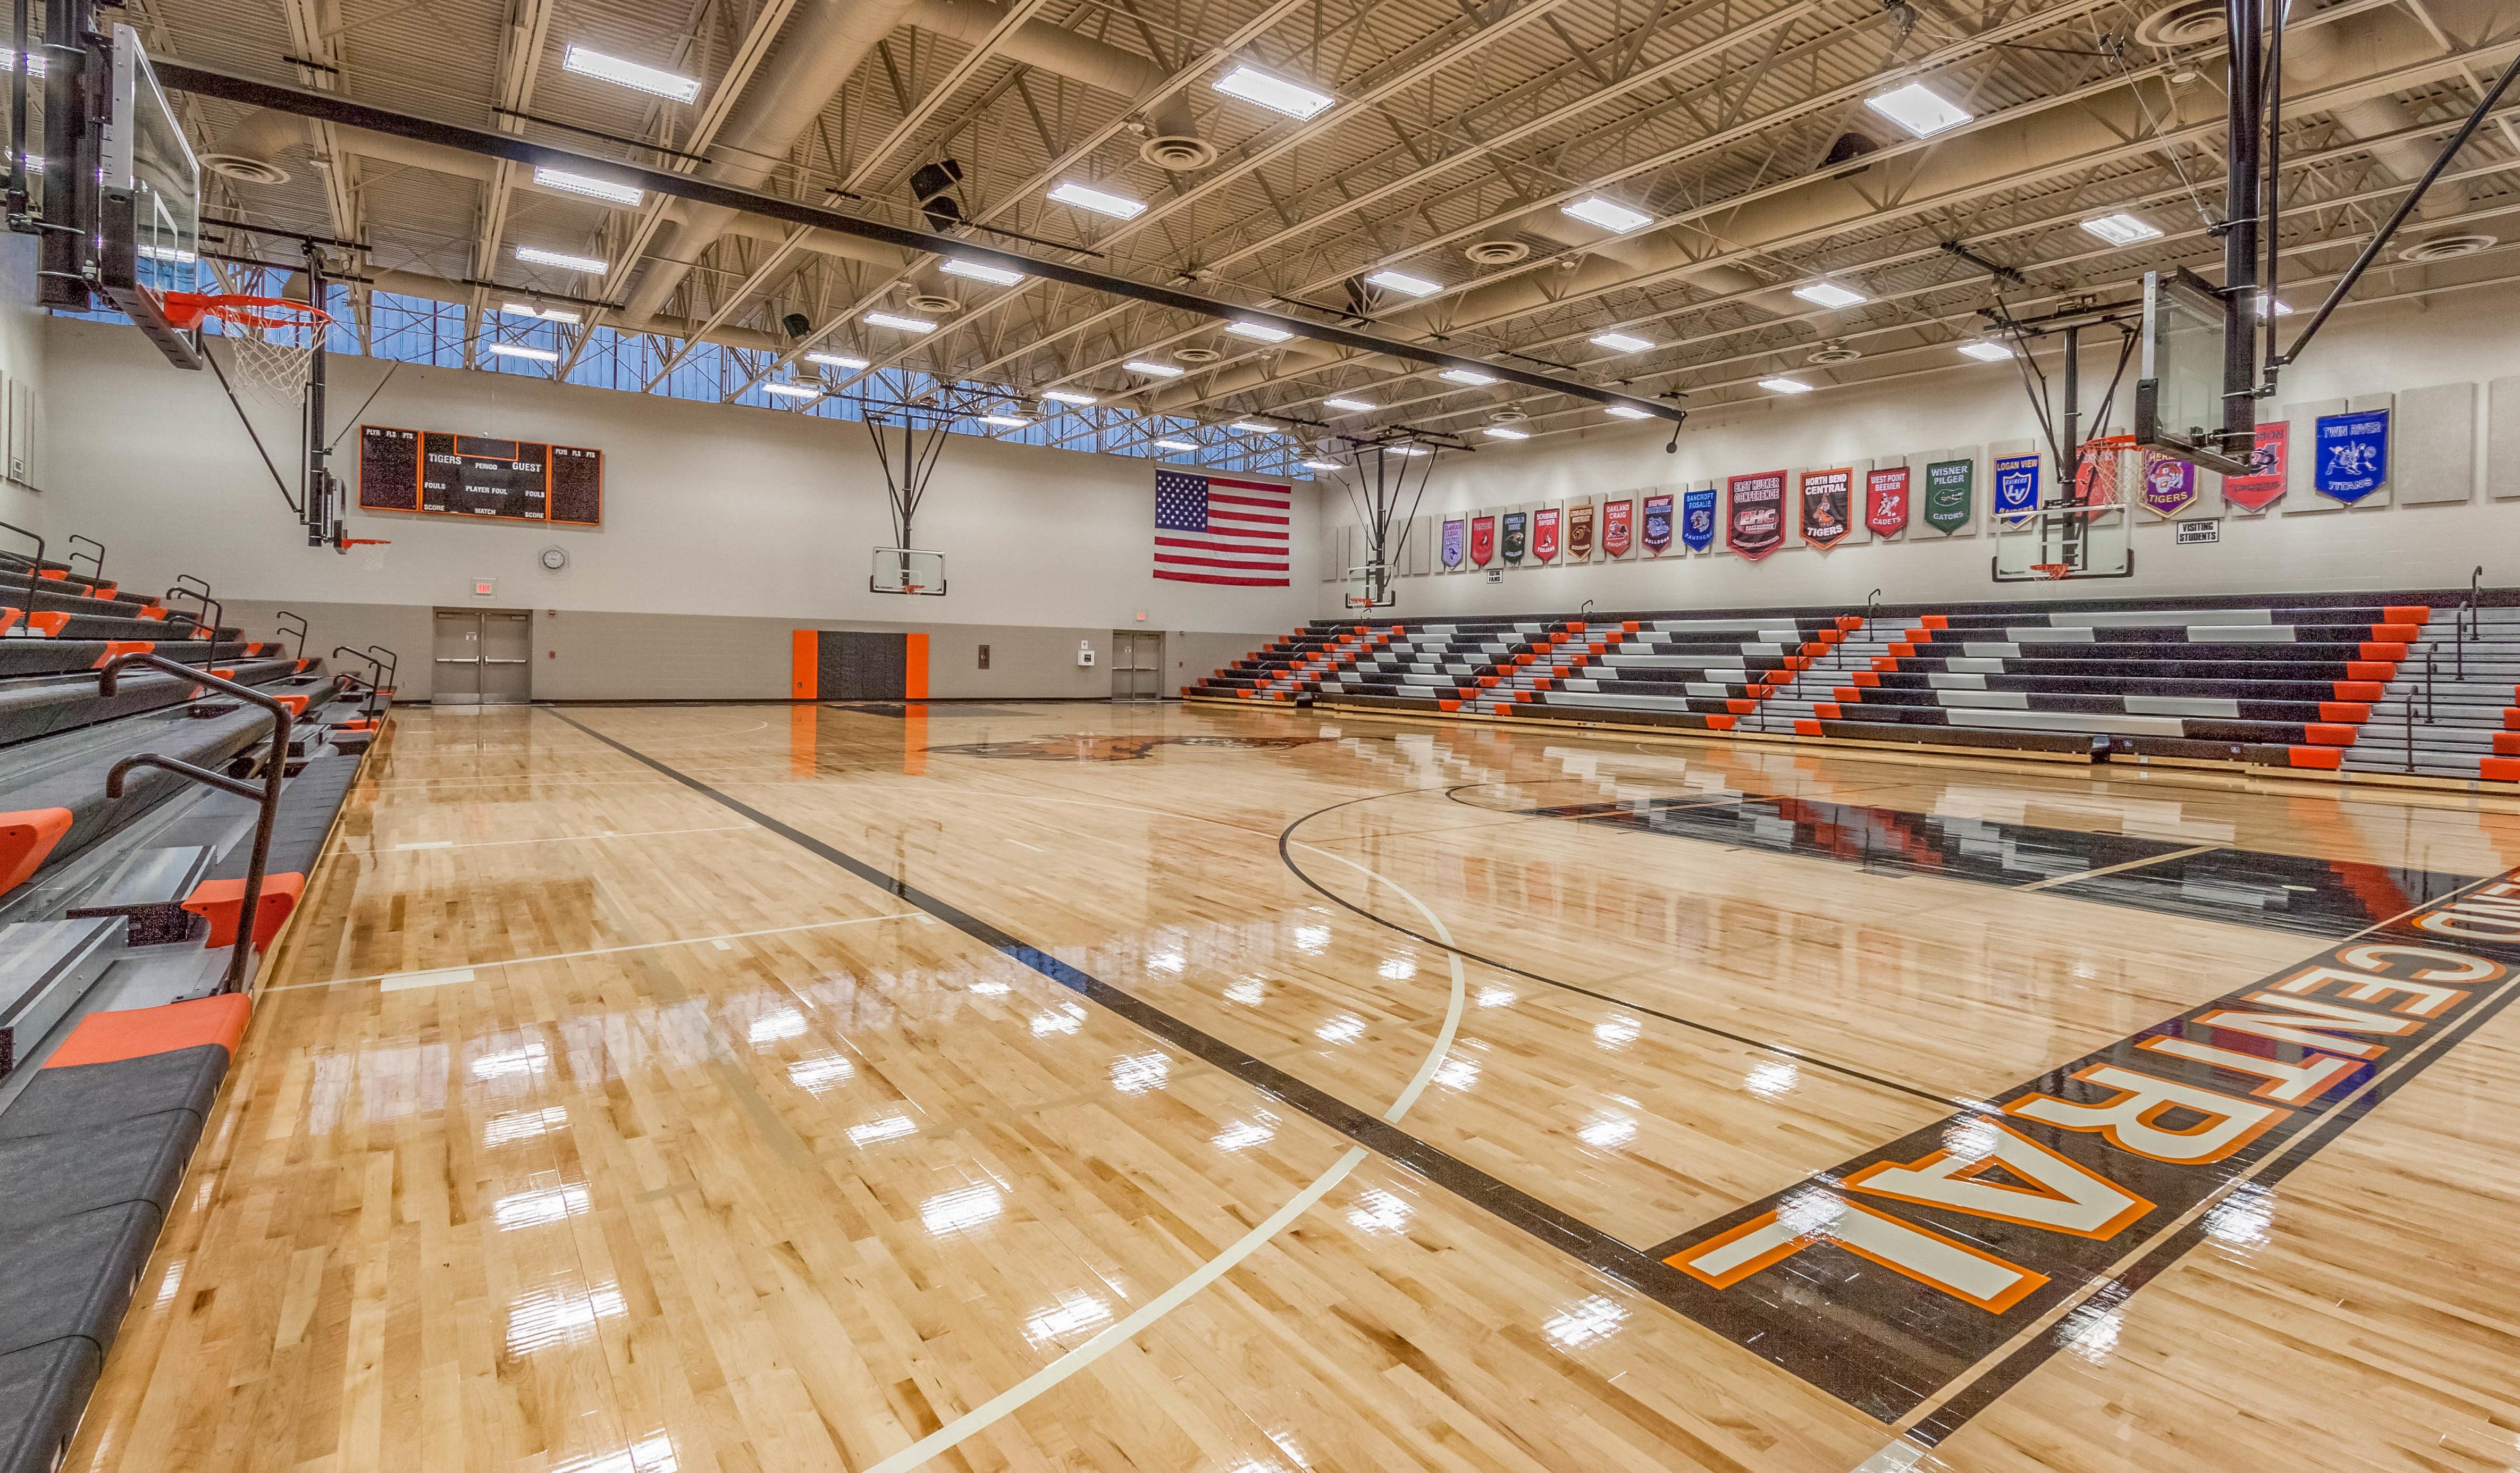 Architecture design of North Bend Central High School gymnasium in Nebraska.